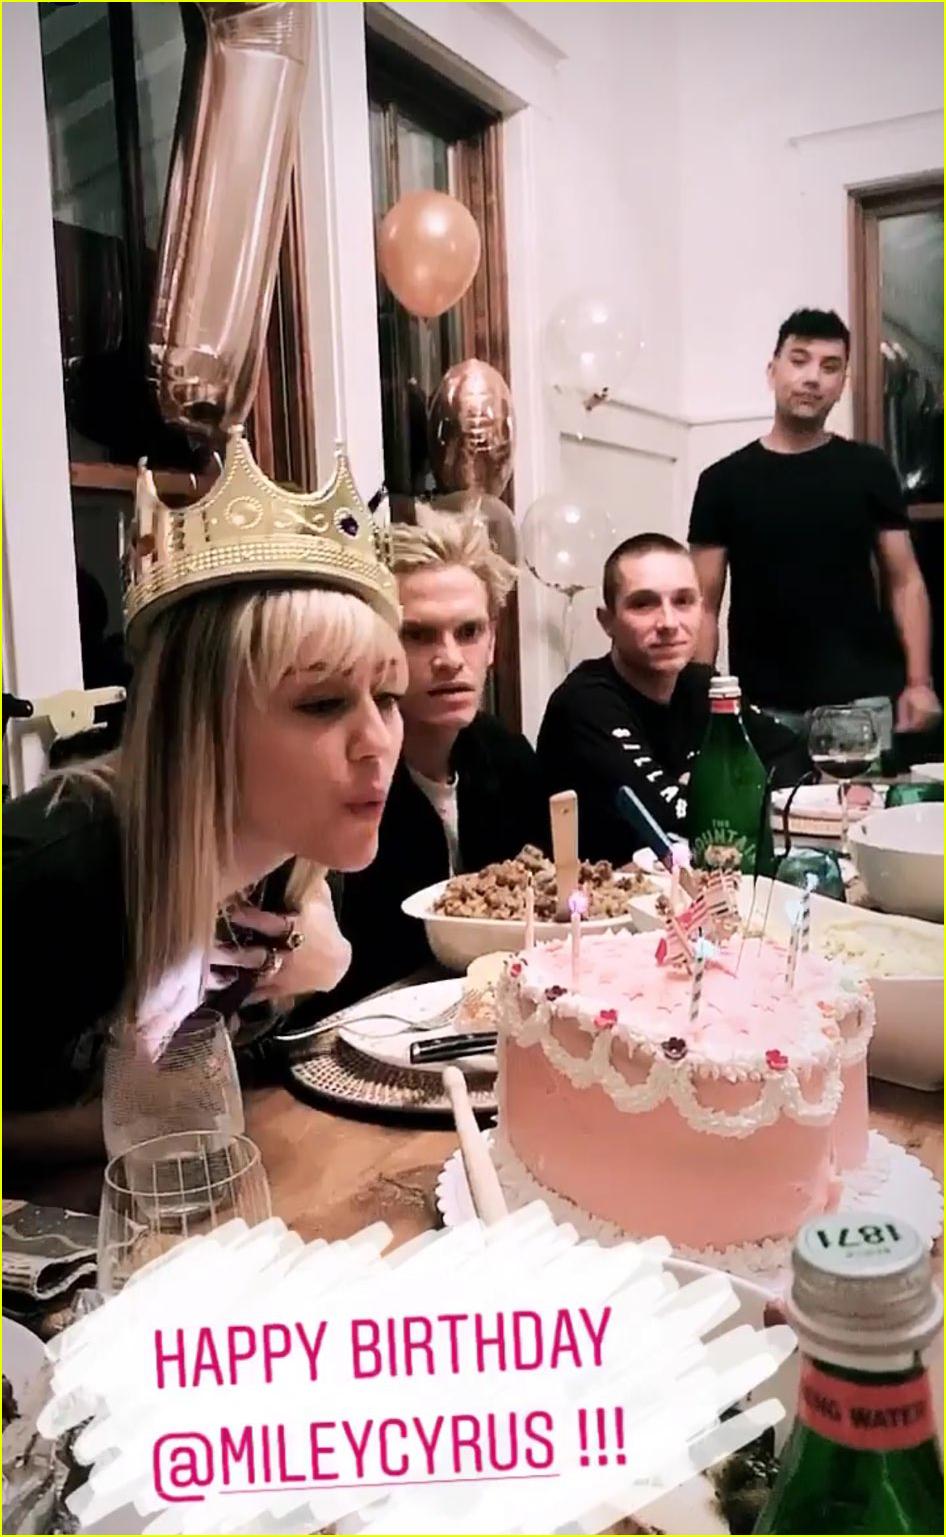 miley cyrus celebrating 27th birthday with boyfriend cody simpson